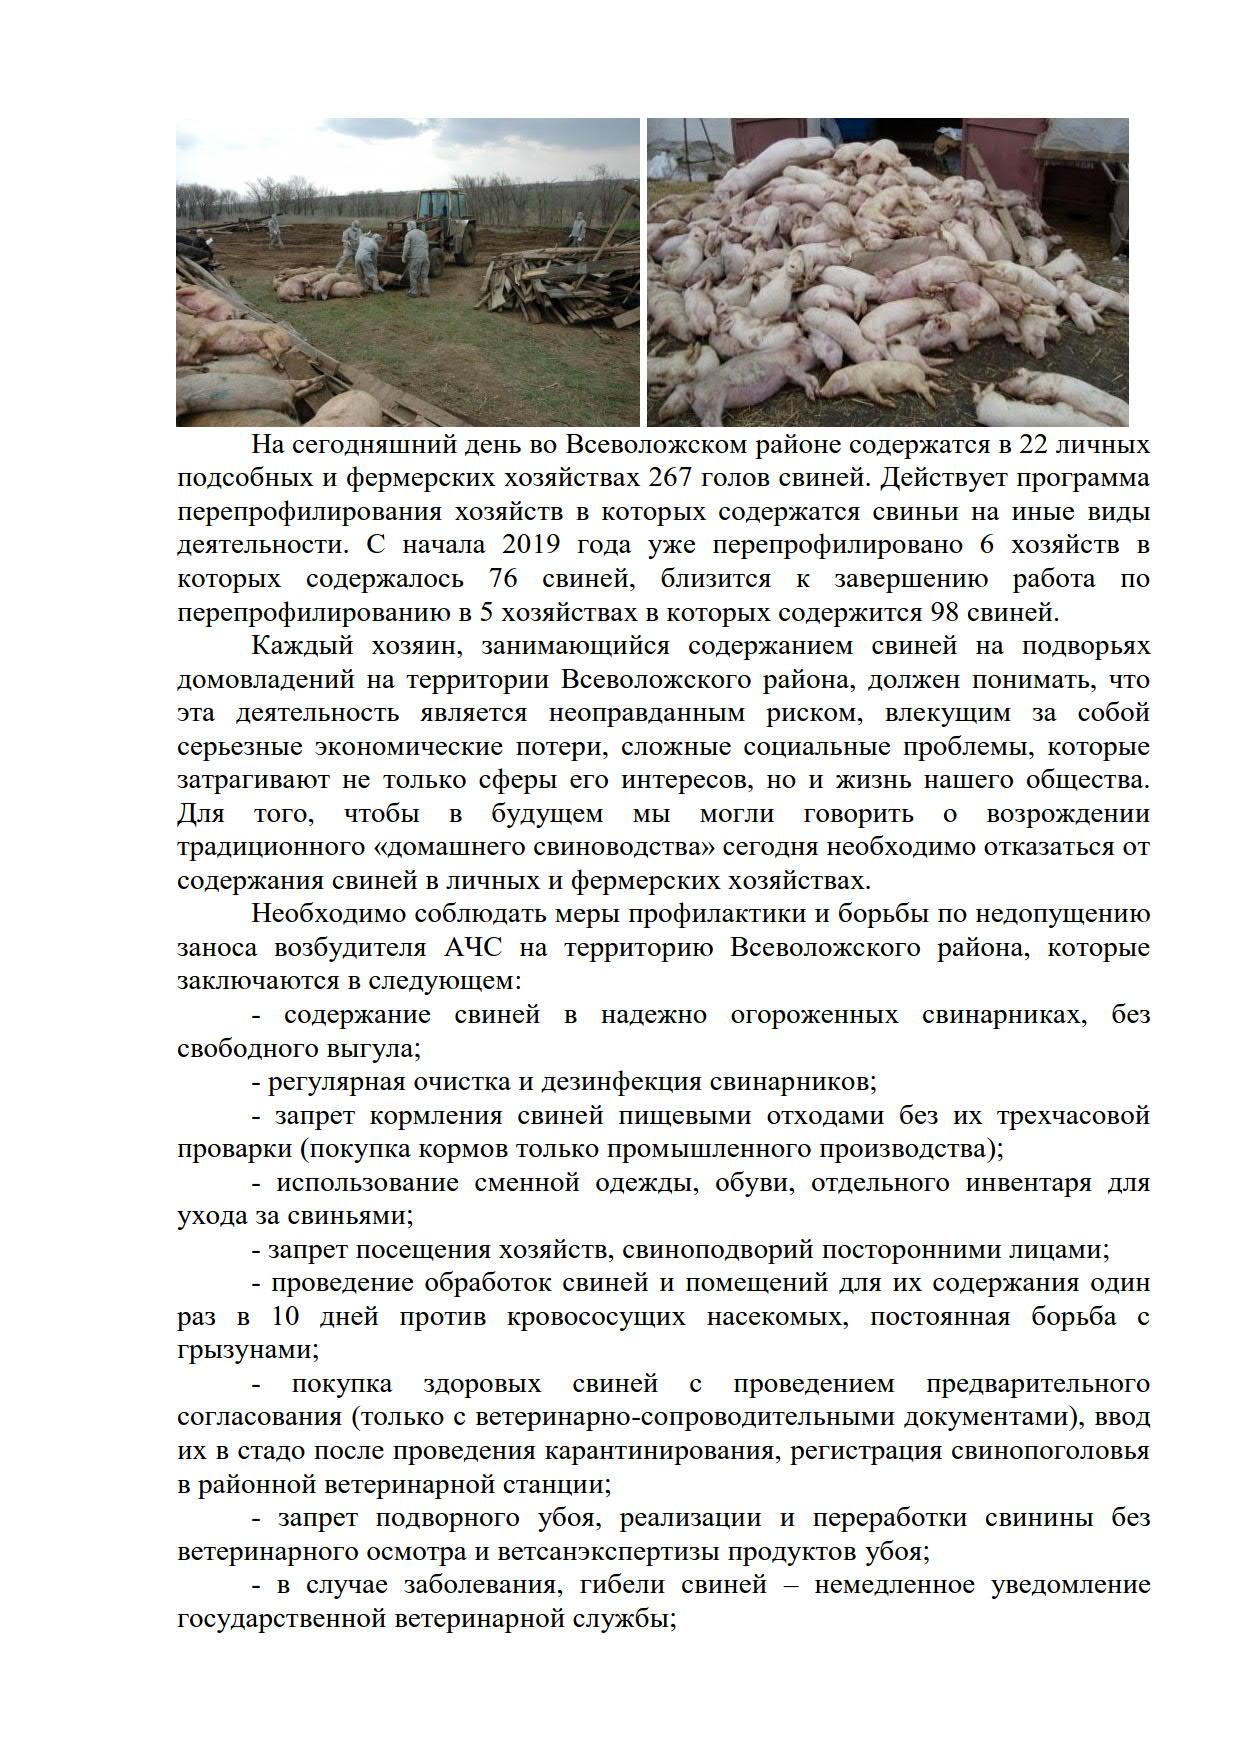 Угроза возникновения африканской чумы свиней во Всеволожском районе не исчезла.статья_3